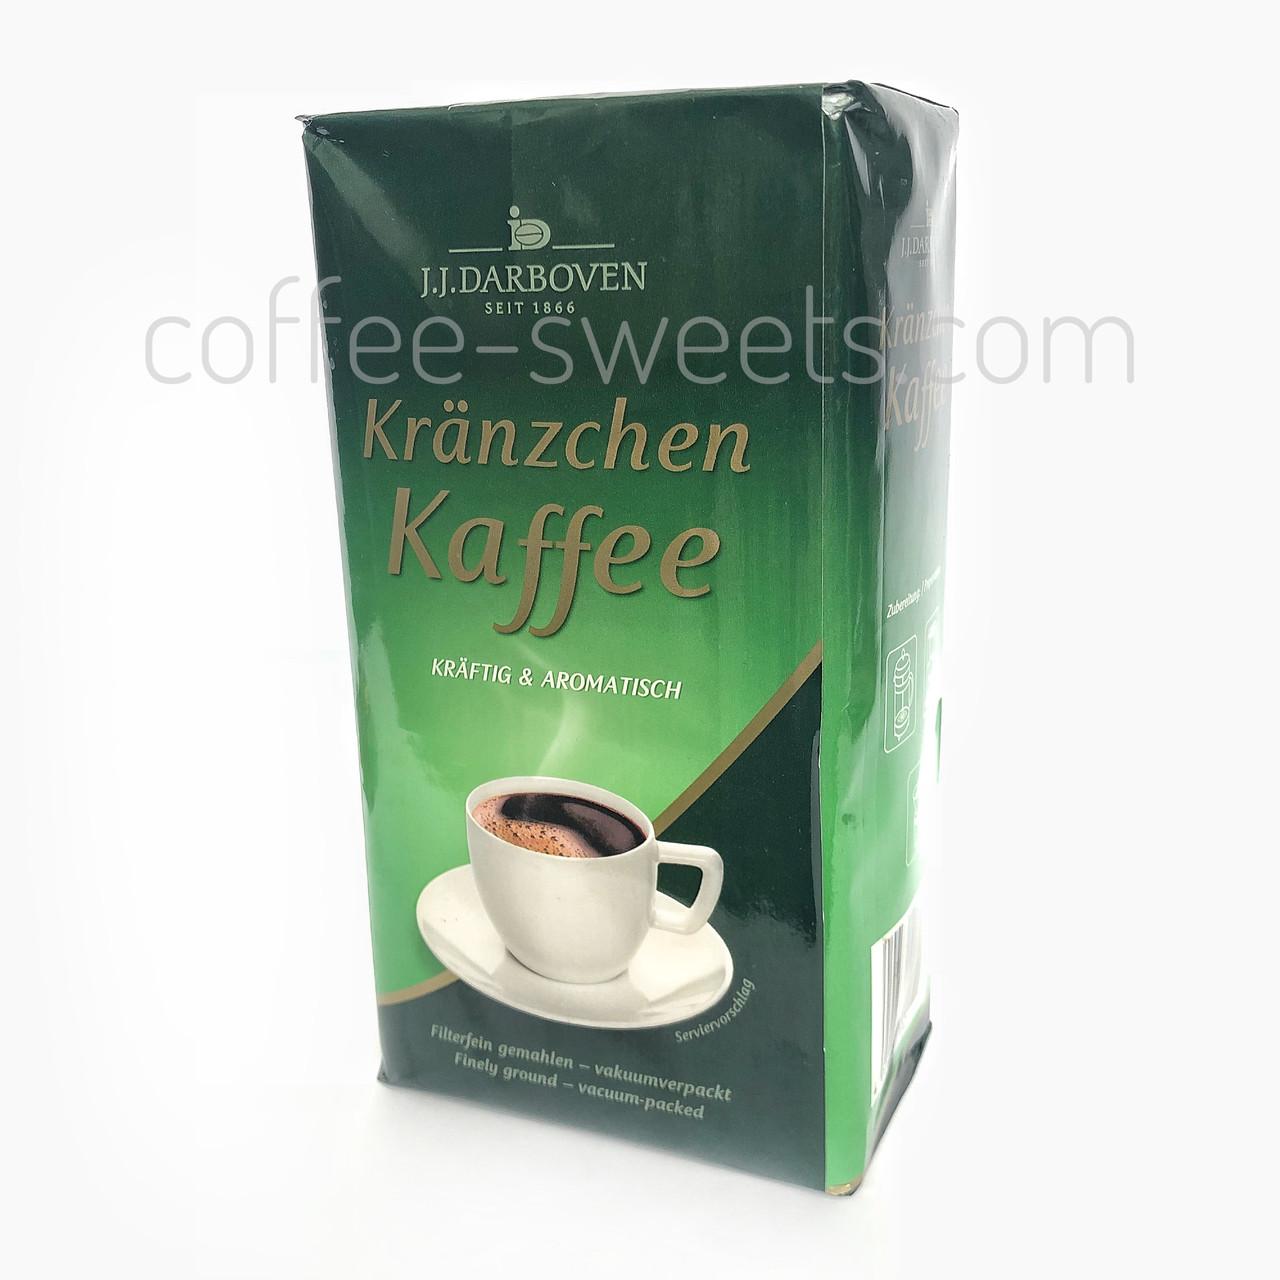 Кофе молотый J.J. Darboven Kranzchen Kaffee 500g